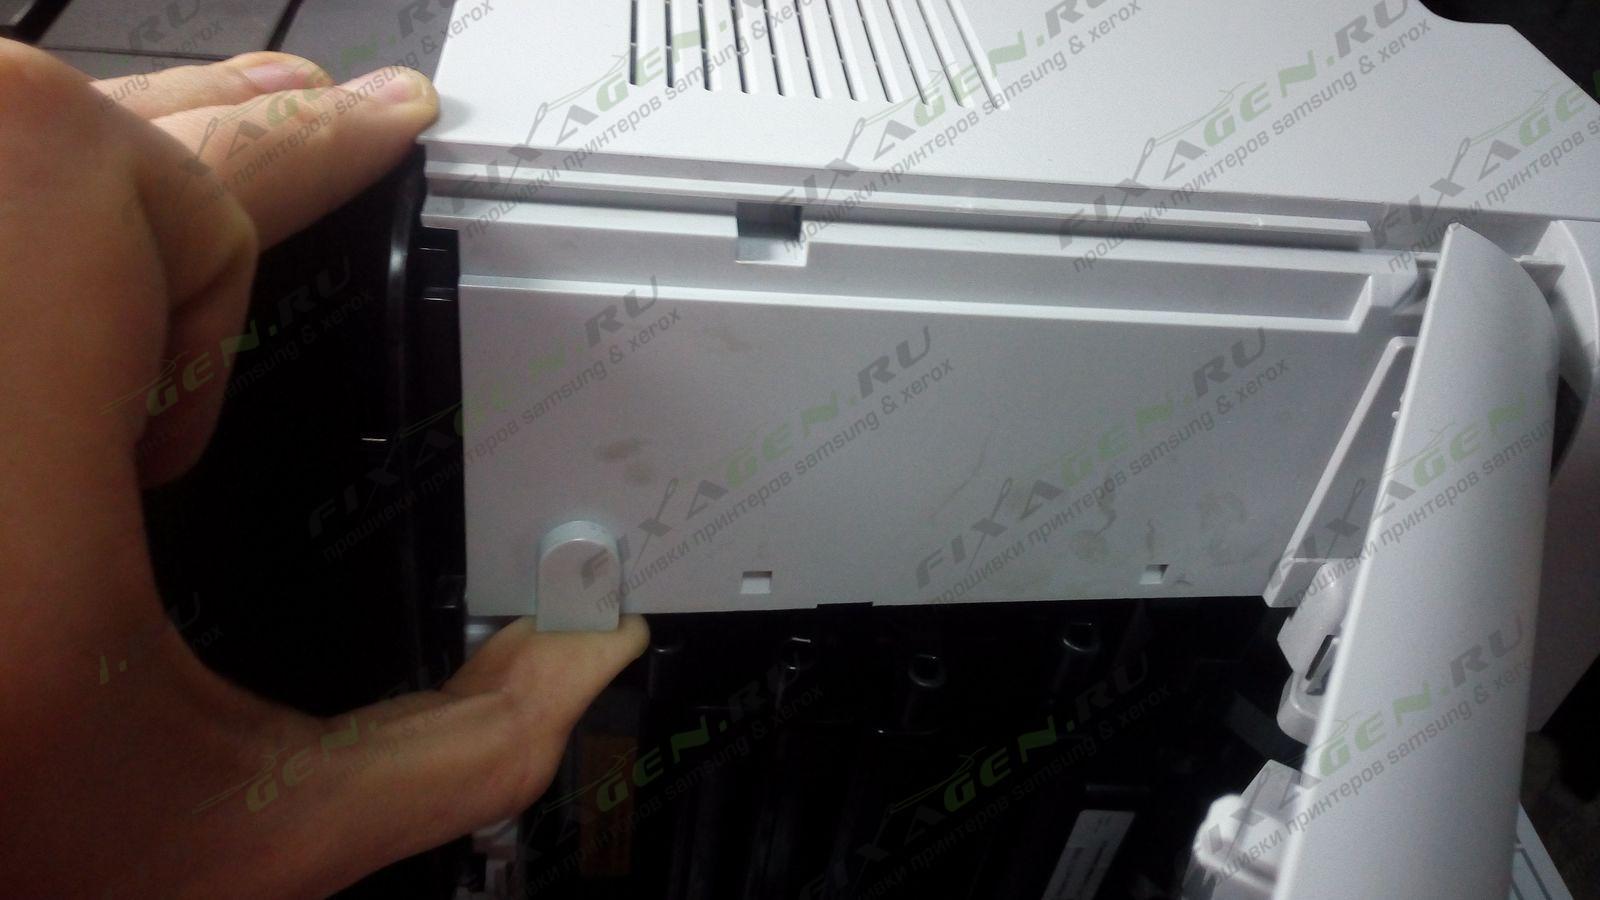 samsung clx 3305 инструкция как обнулить чип